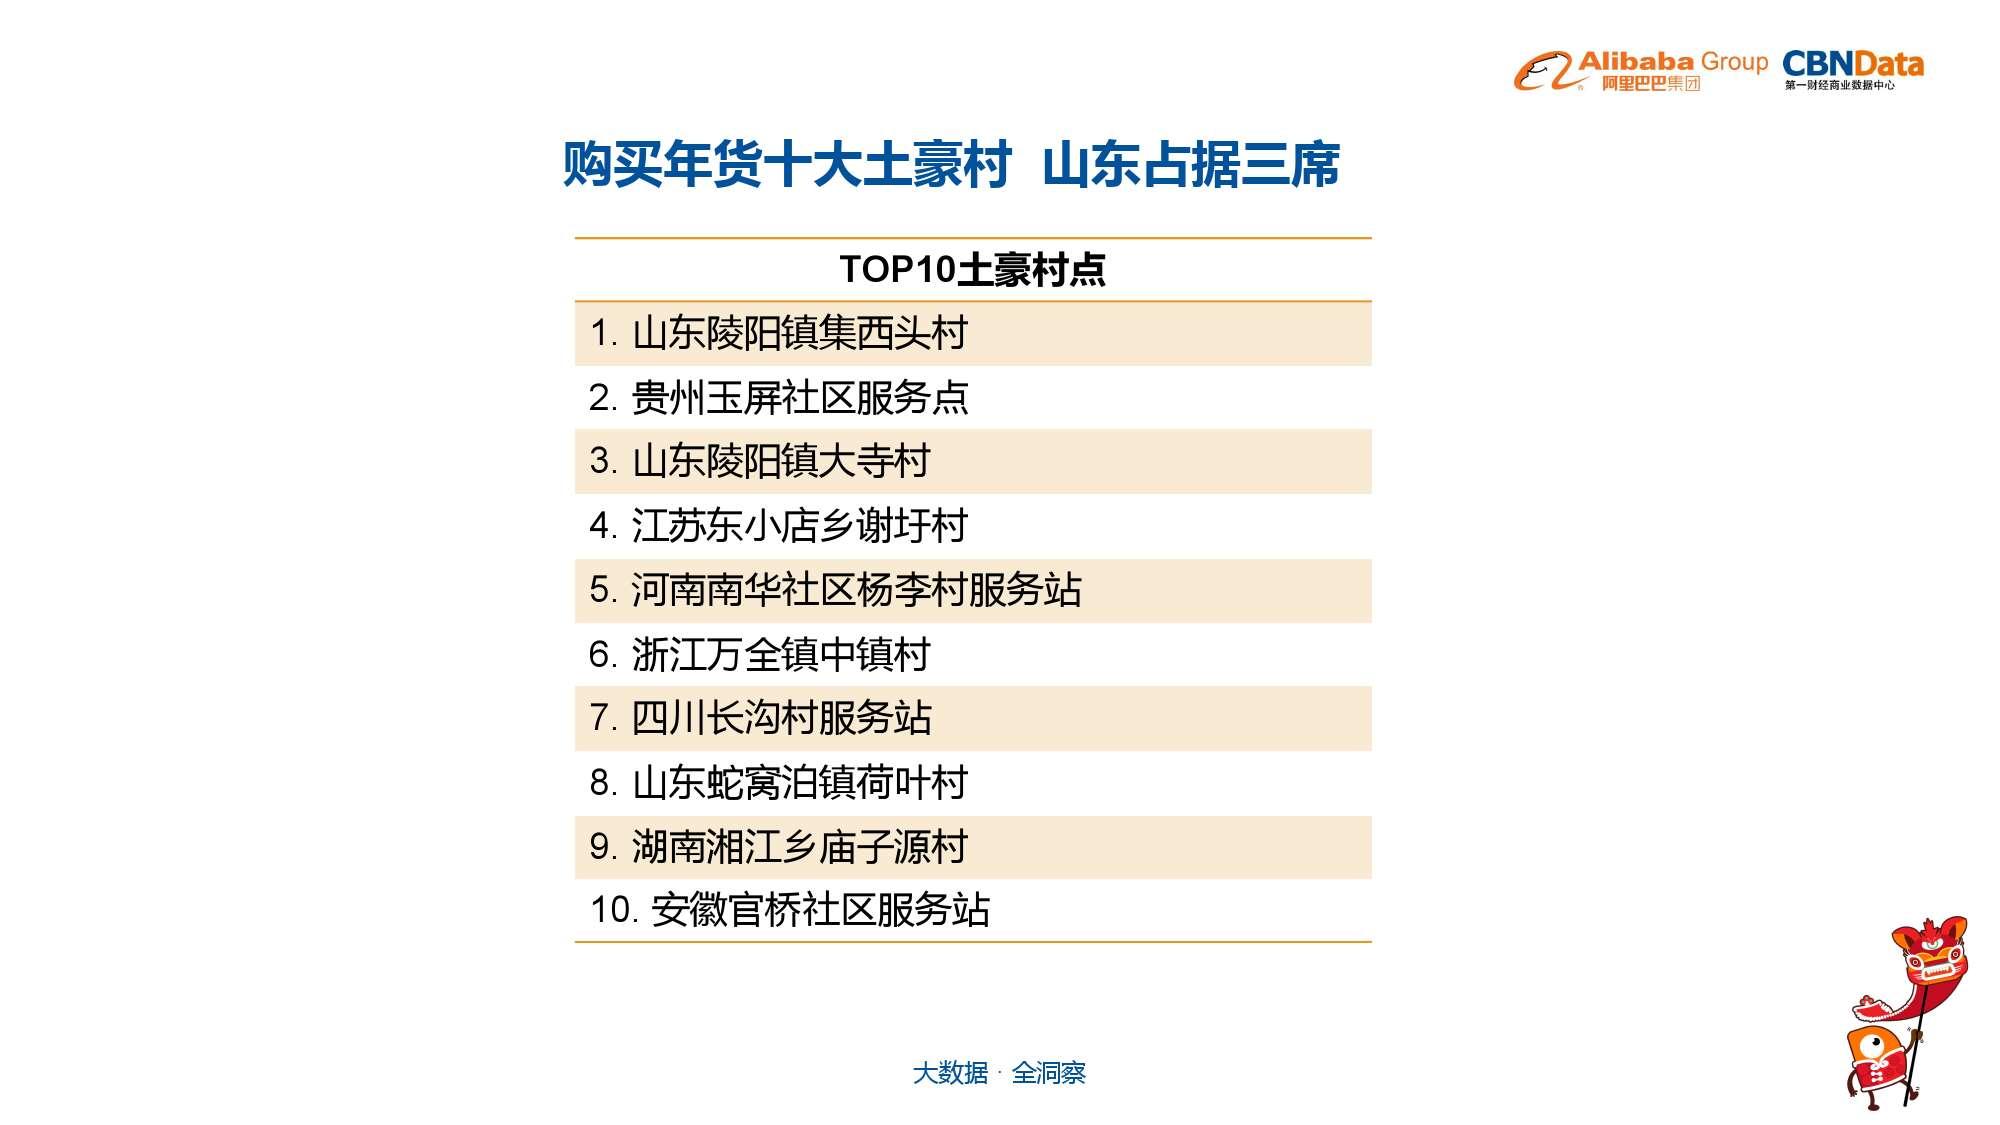 中国年货大数据报告_000022